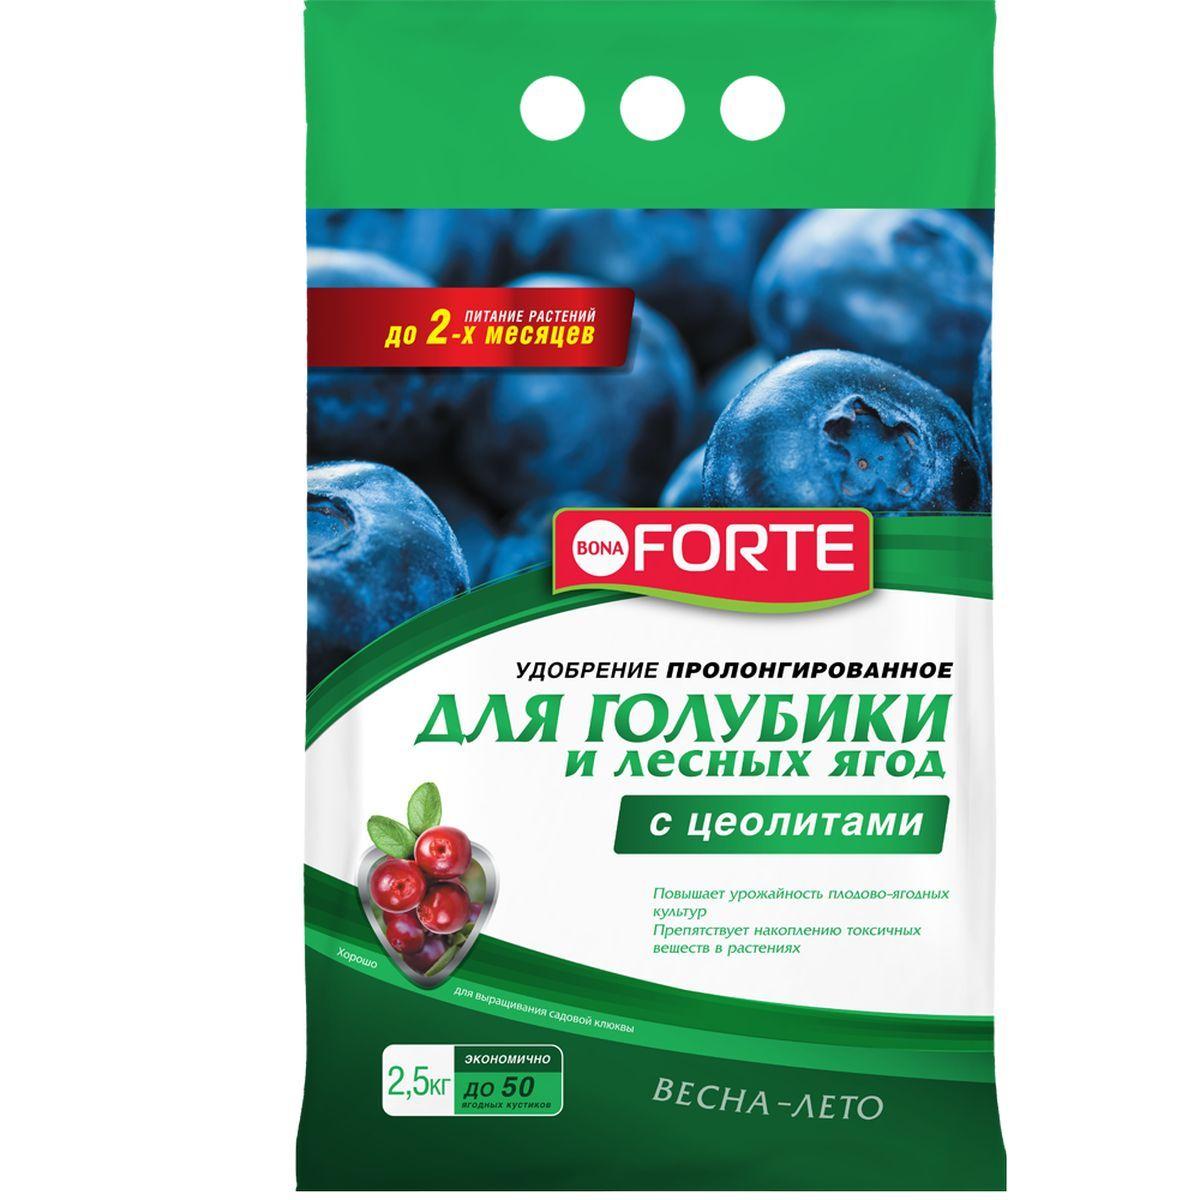 Удобрение Bona Forte, для голубики и лесных ягод, с цеолитом, 2,5 кгBF-23-01-027-1Для голубики, брусники, клюквы, ягодных и декоративных кустарников.Стимулирует образование завязей, увеличивает урожай, оздоравливает корневую систему растений.Удобрения дополнительно обогащены ЦЕОЛИТОМ, который имеет уникальные полезные свойства:- удерживает влагу и питательные вещества в корнеобитаемой зоне растений;- снижает стрессы растений при посадке и пересадке;- обеспечивает оптимальный воздушный режим даже при максимальном насыщении грунта водой;- делает удобрения пролонгированными.